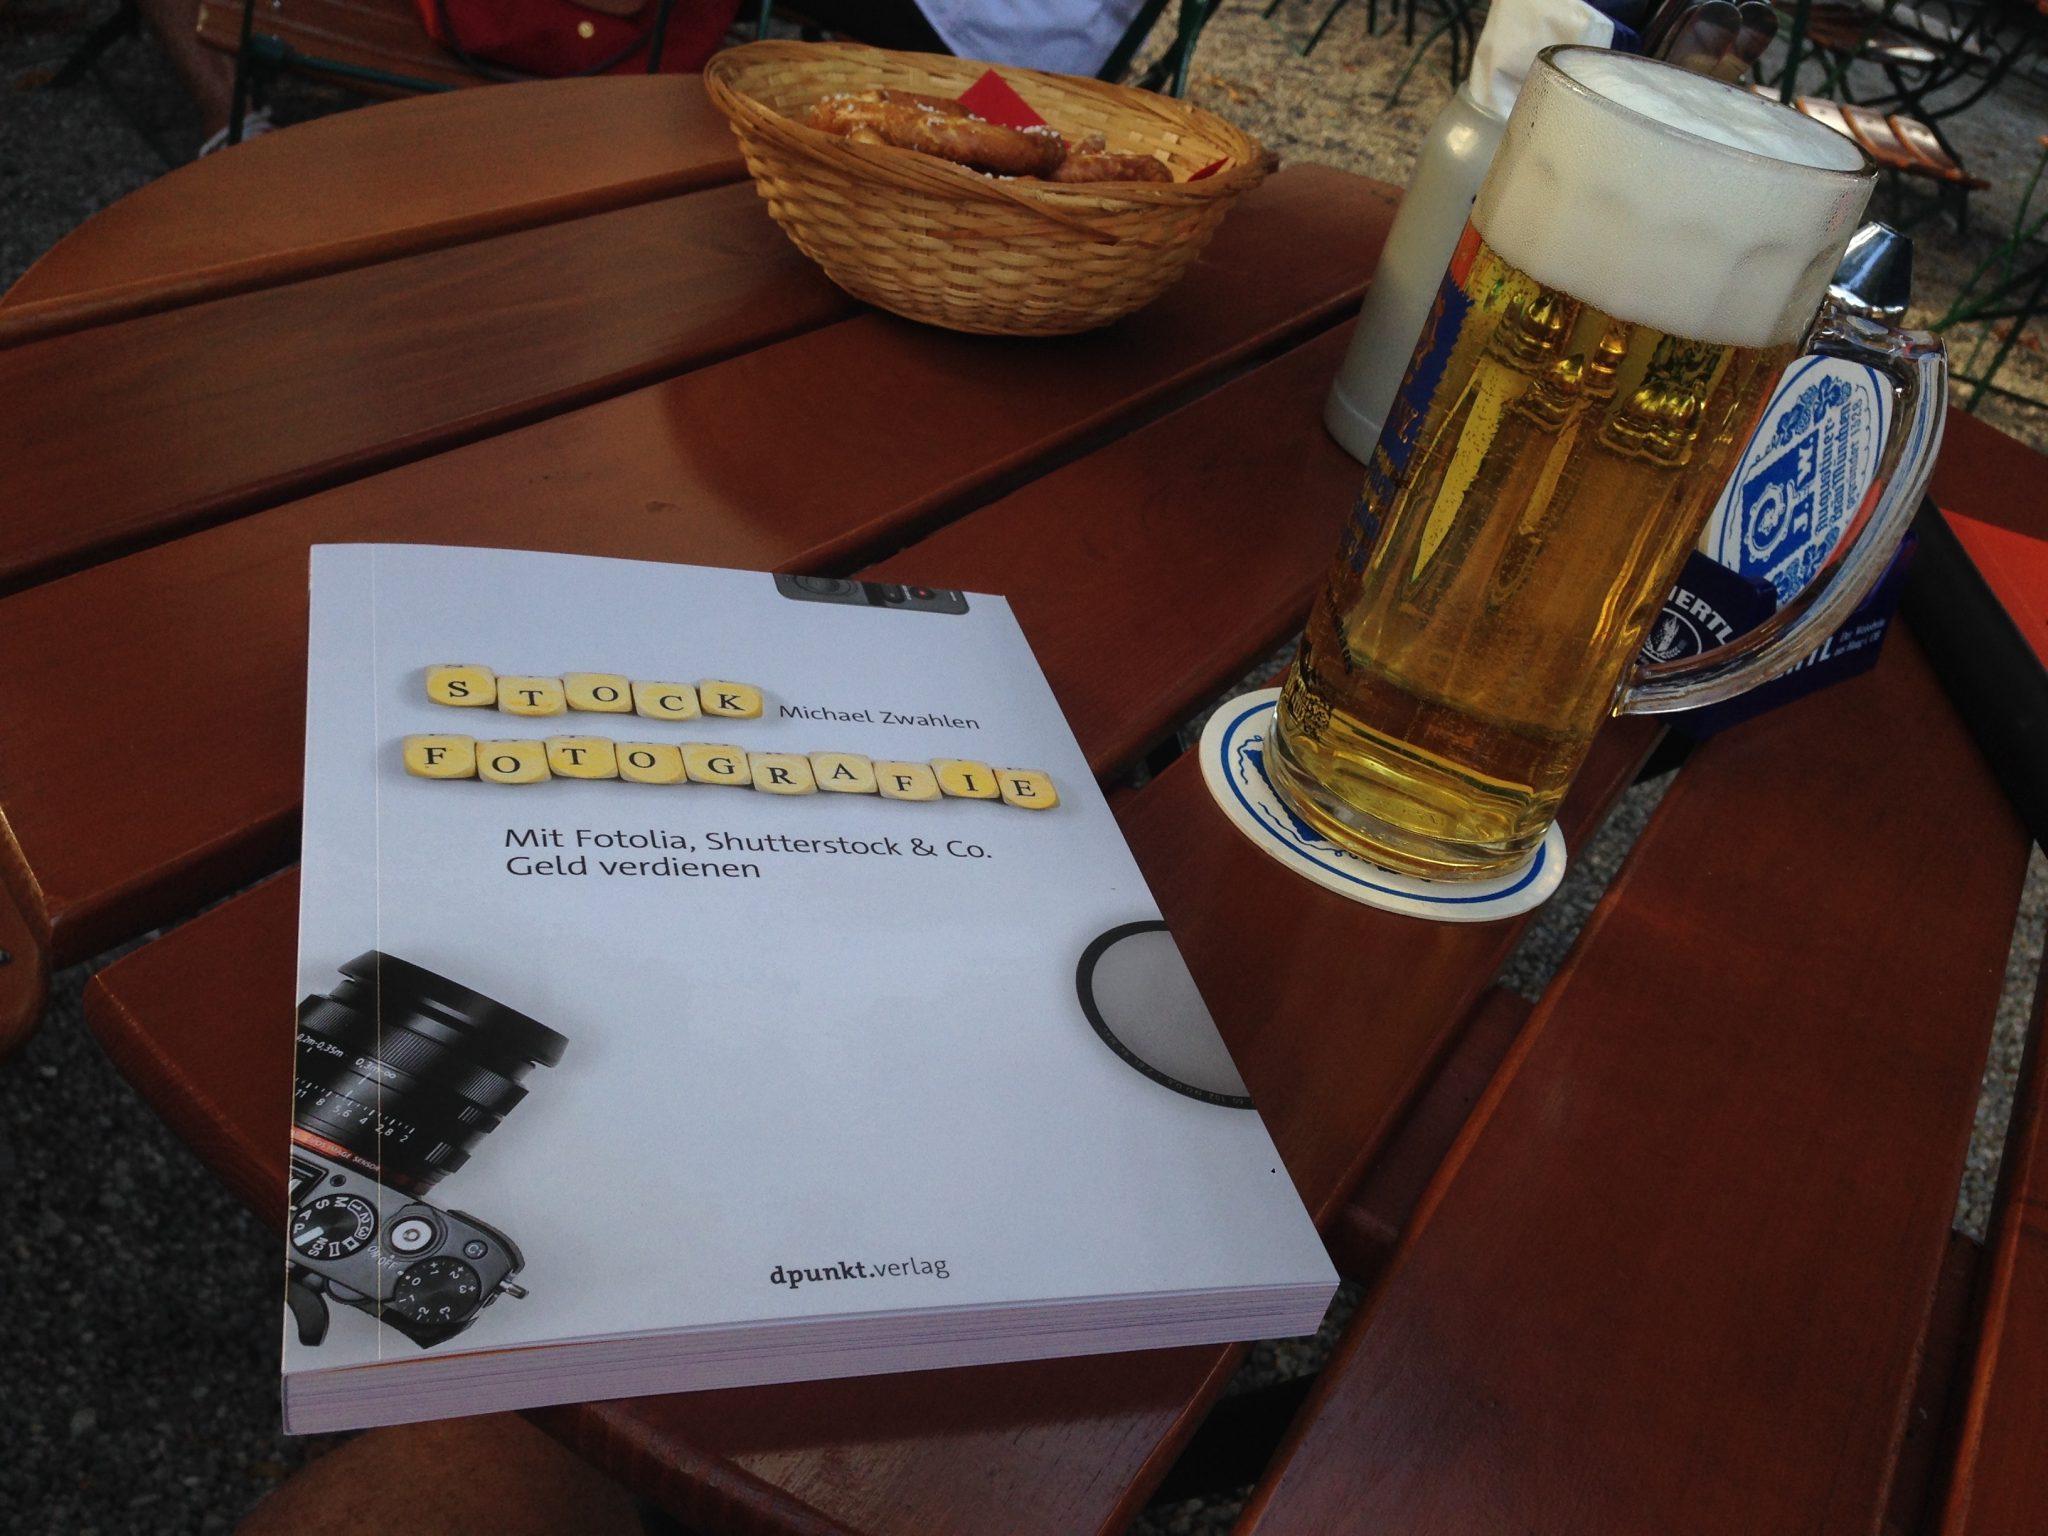 """Das Buch """"Stockfotografie"""" von Michael Zwahlen zeigt gelungen, wie man mit seinen Bildern Geld verdienen kann."""